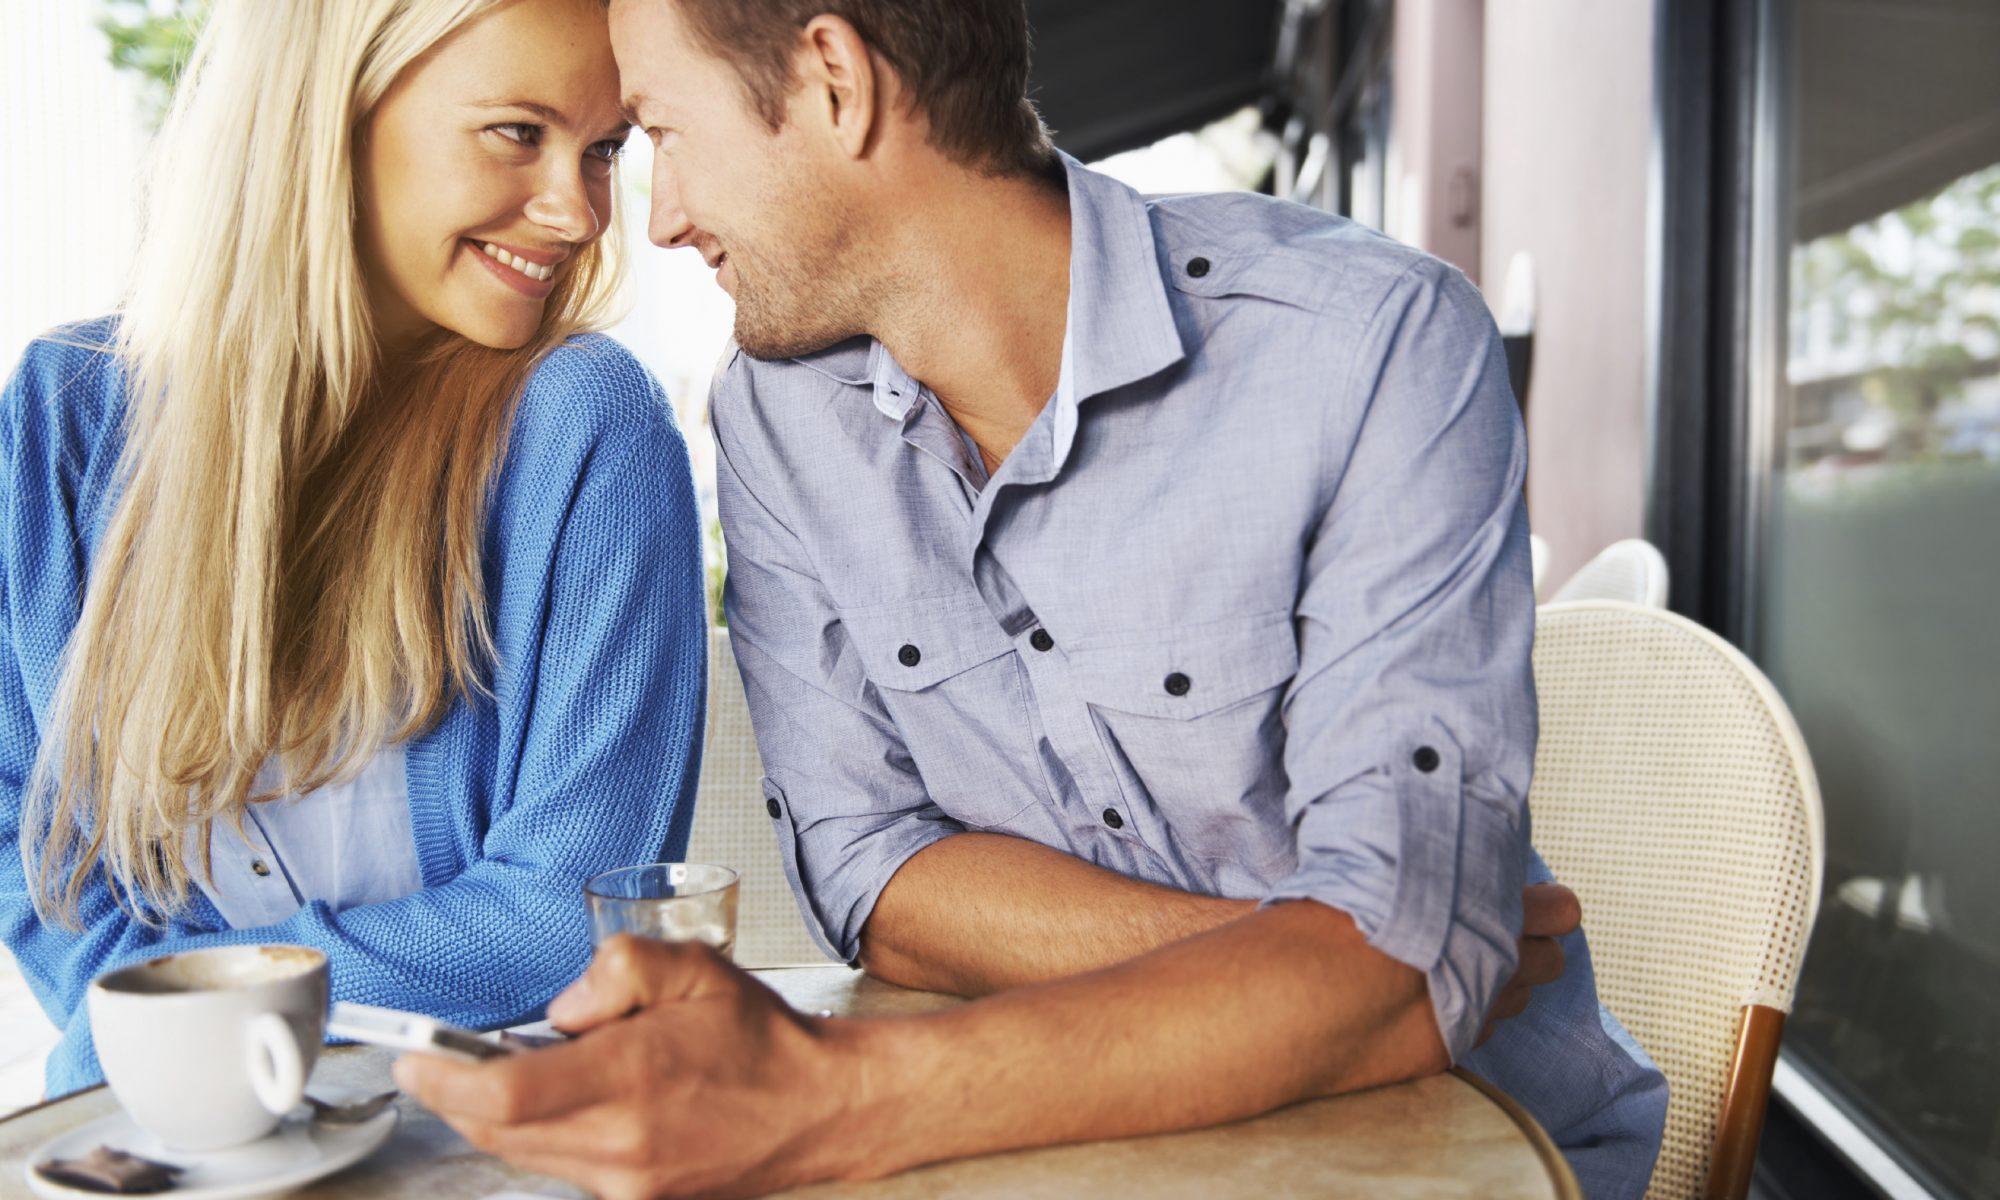 Alpha male behavior dating apps